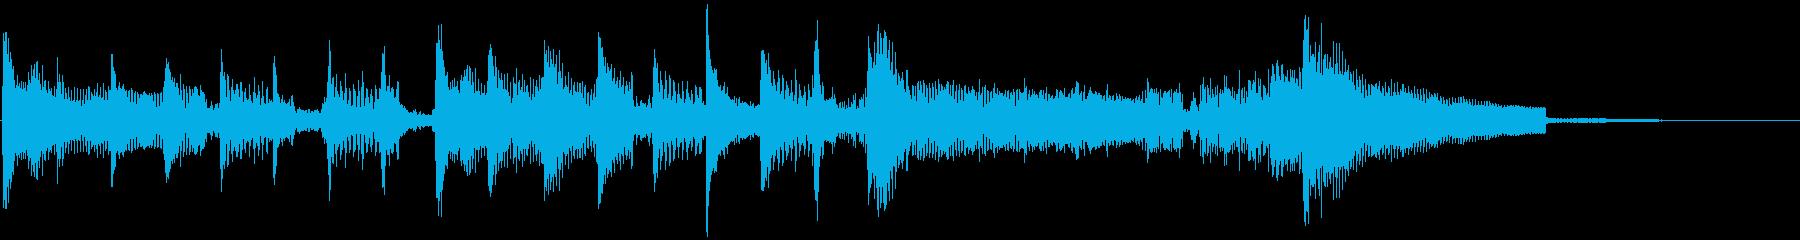 キスとソフトで官能的の再生済みの波形